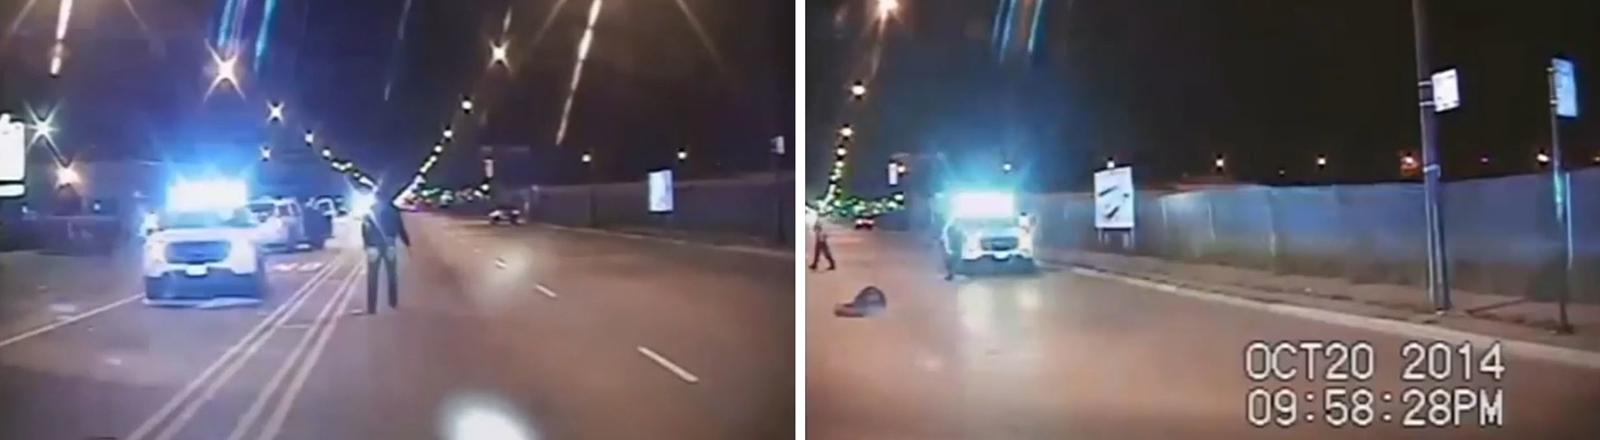 Polizeivideos zeigt wie der 17 Jahre alte Laquan McDonald am 25.10.2014 in Chicago, USA, von der Polizei erschossen wurde.